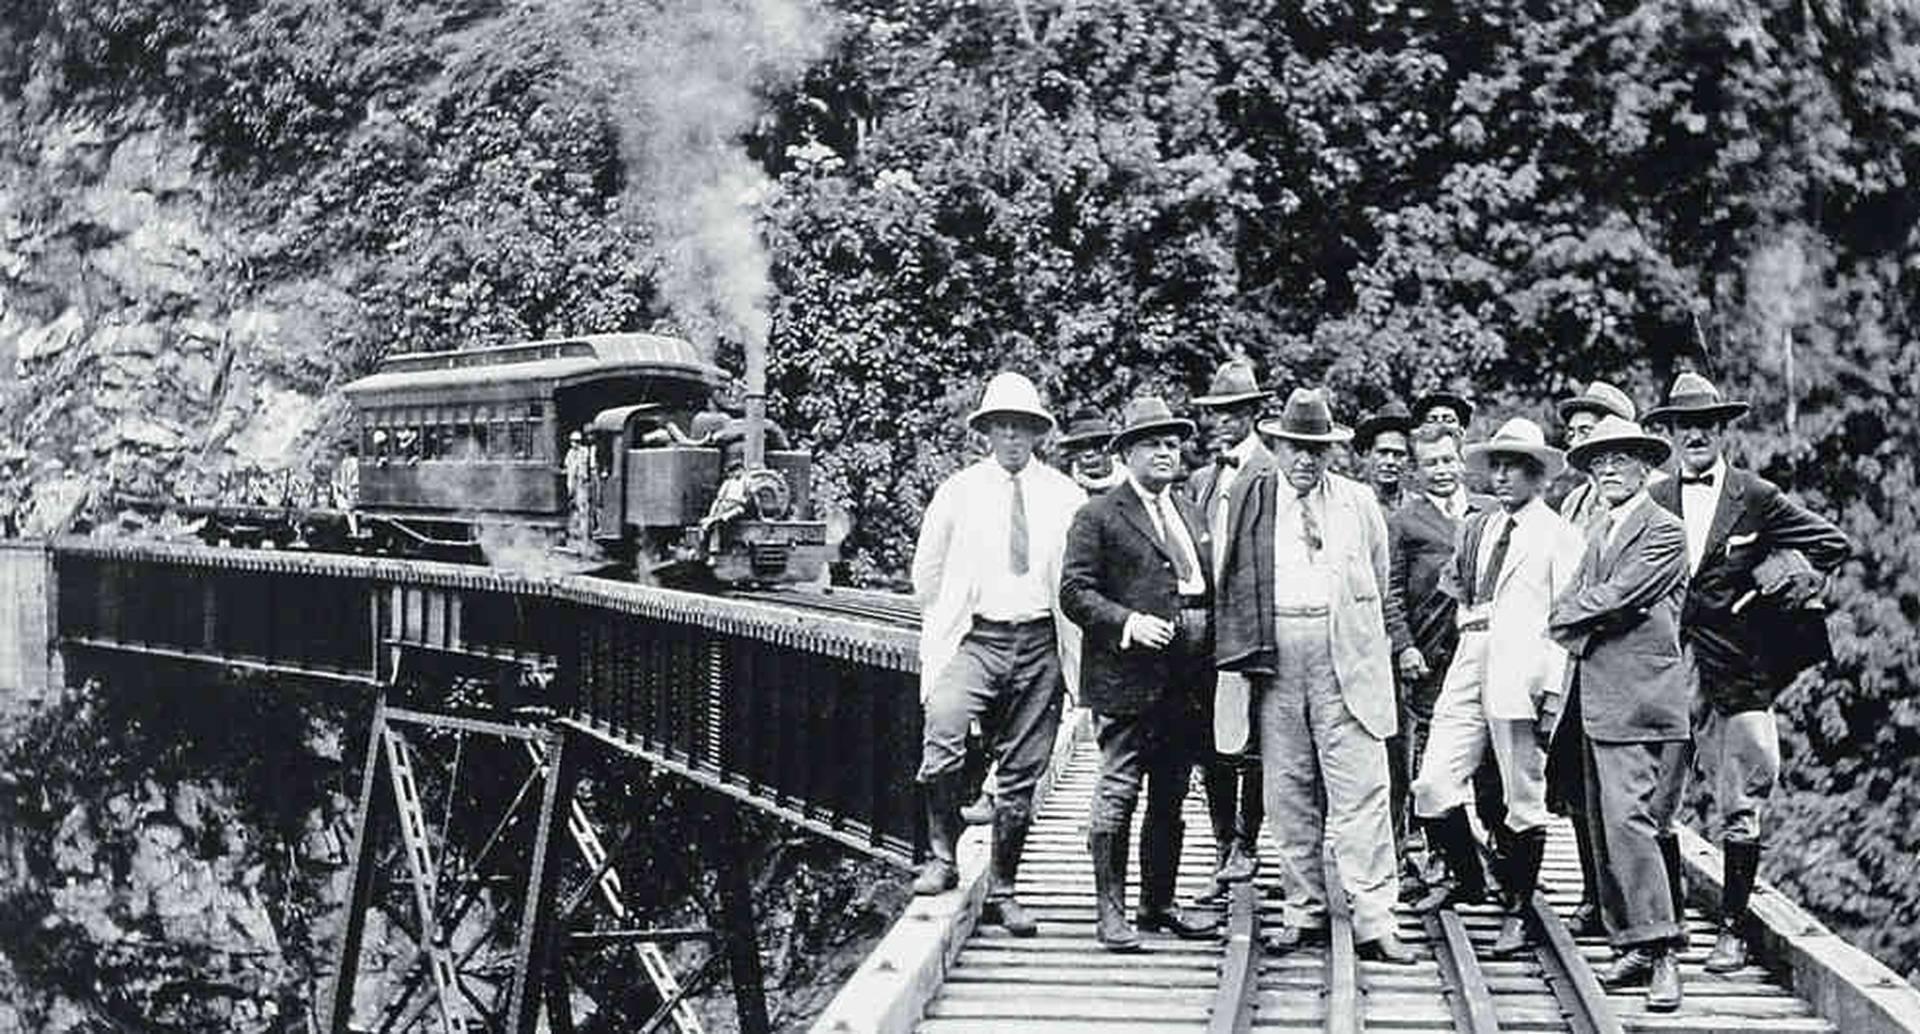 En 1923 el Ferrocarril de Amagá fue vendido al departamento de Antioquia.